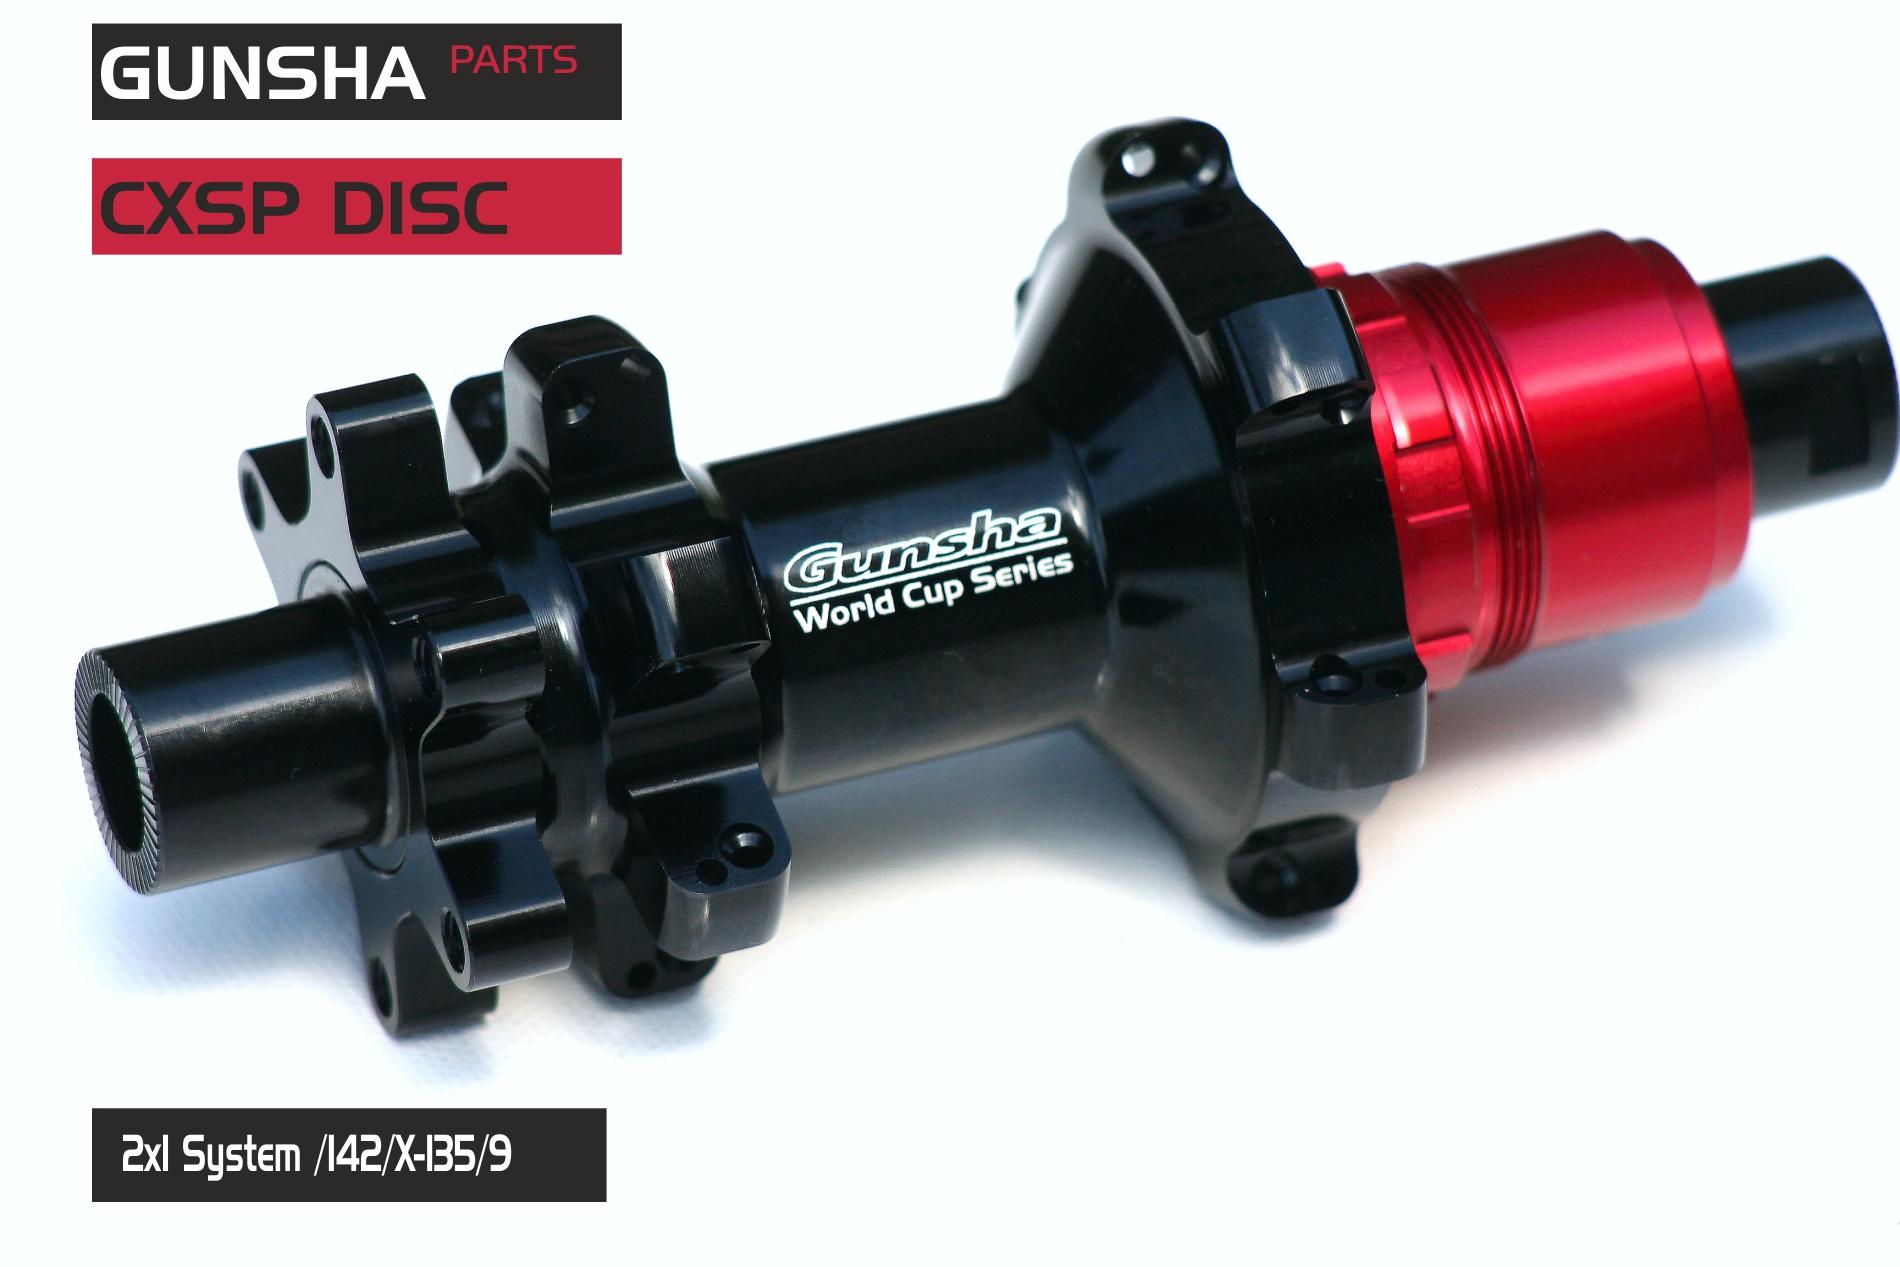 Gunsha Rear Hub Nabe CXSP Straightpull (2x1 System)